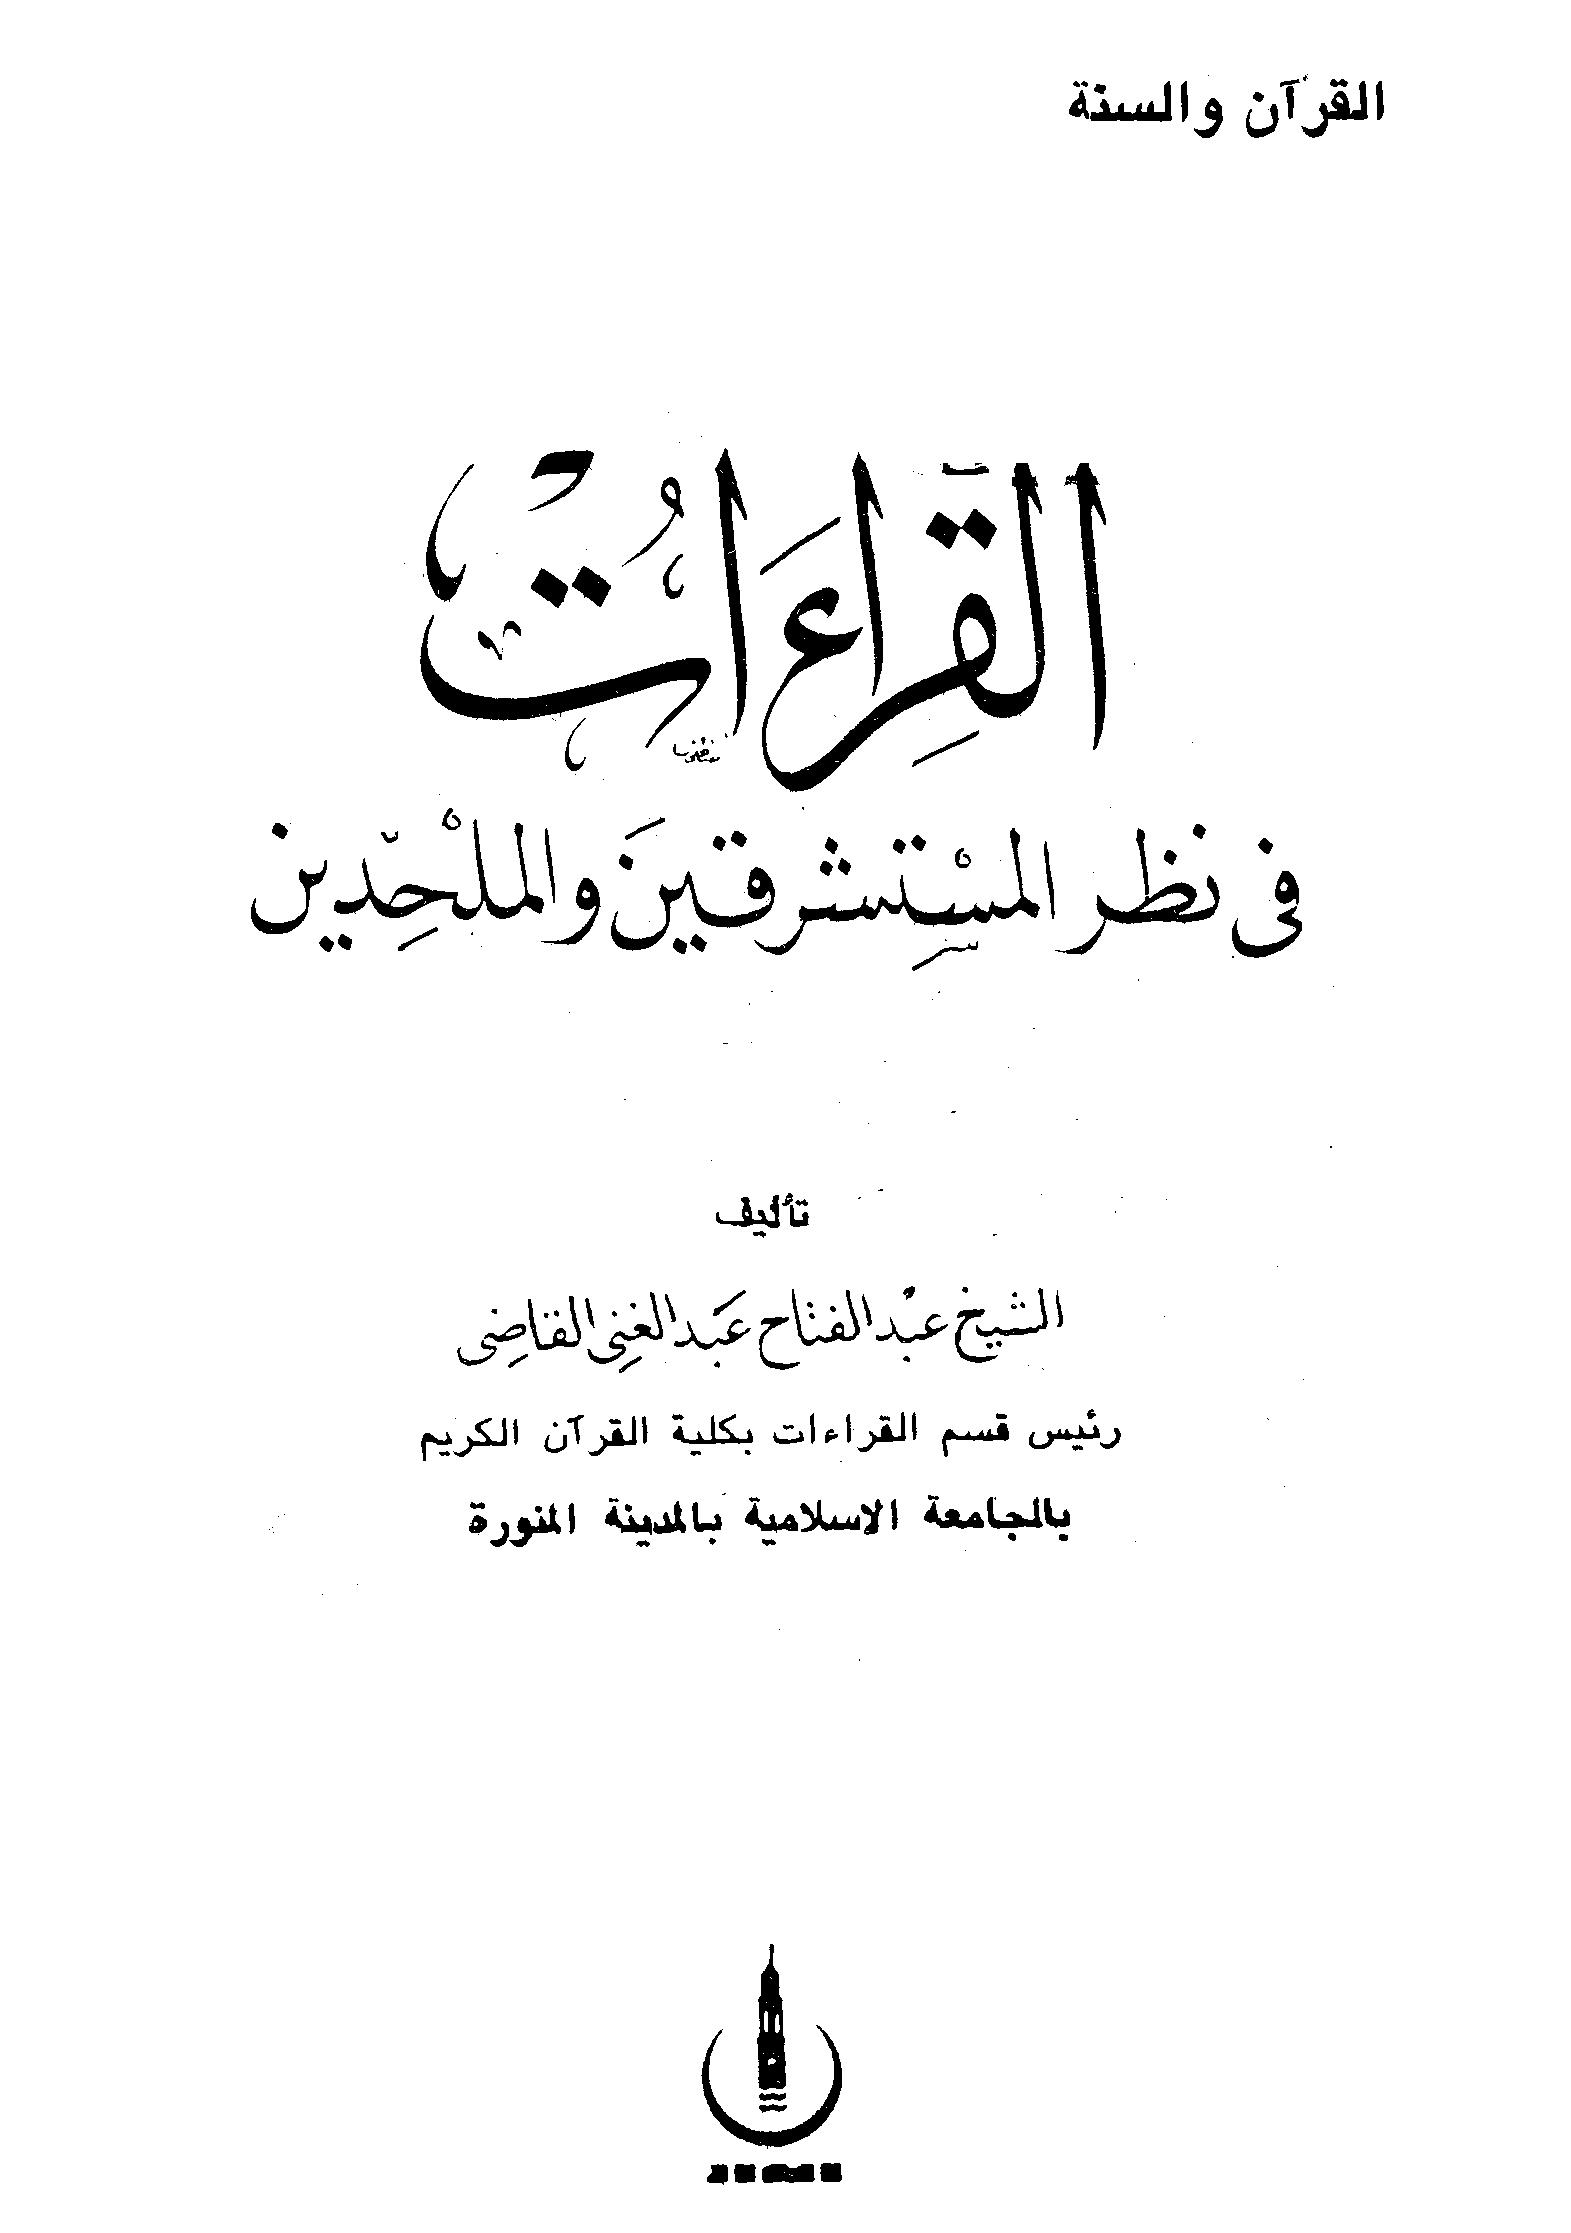 تحميل كتاب القراءات في نظر المستشرقين والملحدين لـِ: الشيخ عبد الفتاح عبد الغني القاضي (ت 1403)